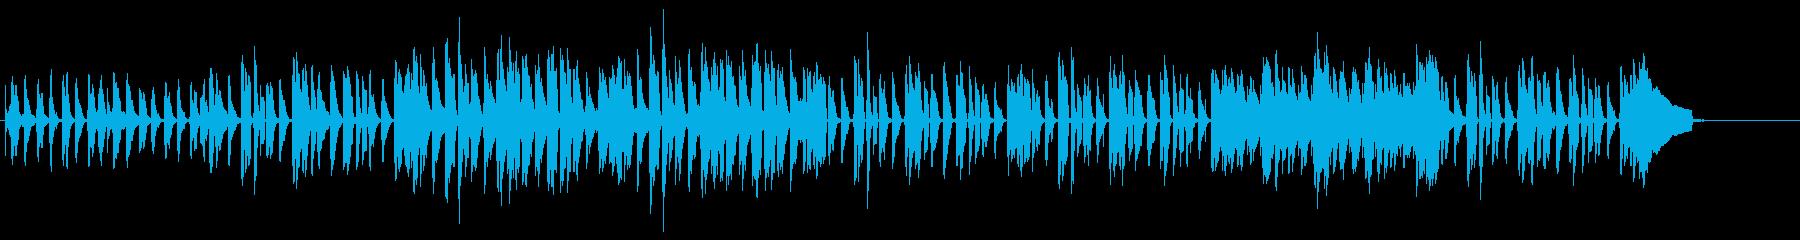 ウクレレ・南国・ゆったり・ハッピーBの再生済みの波形